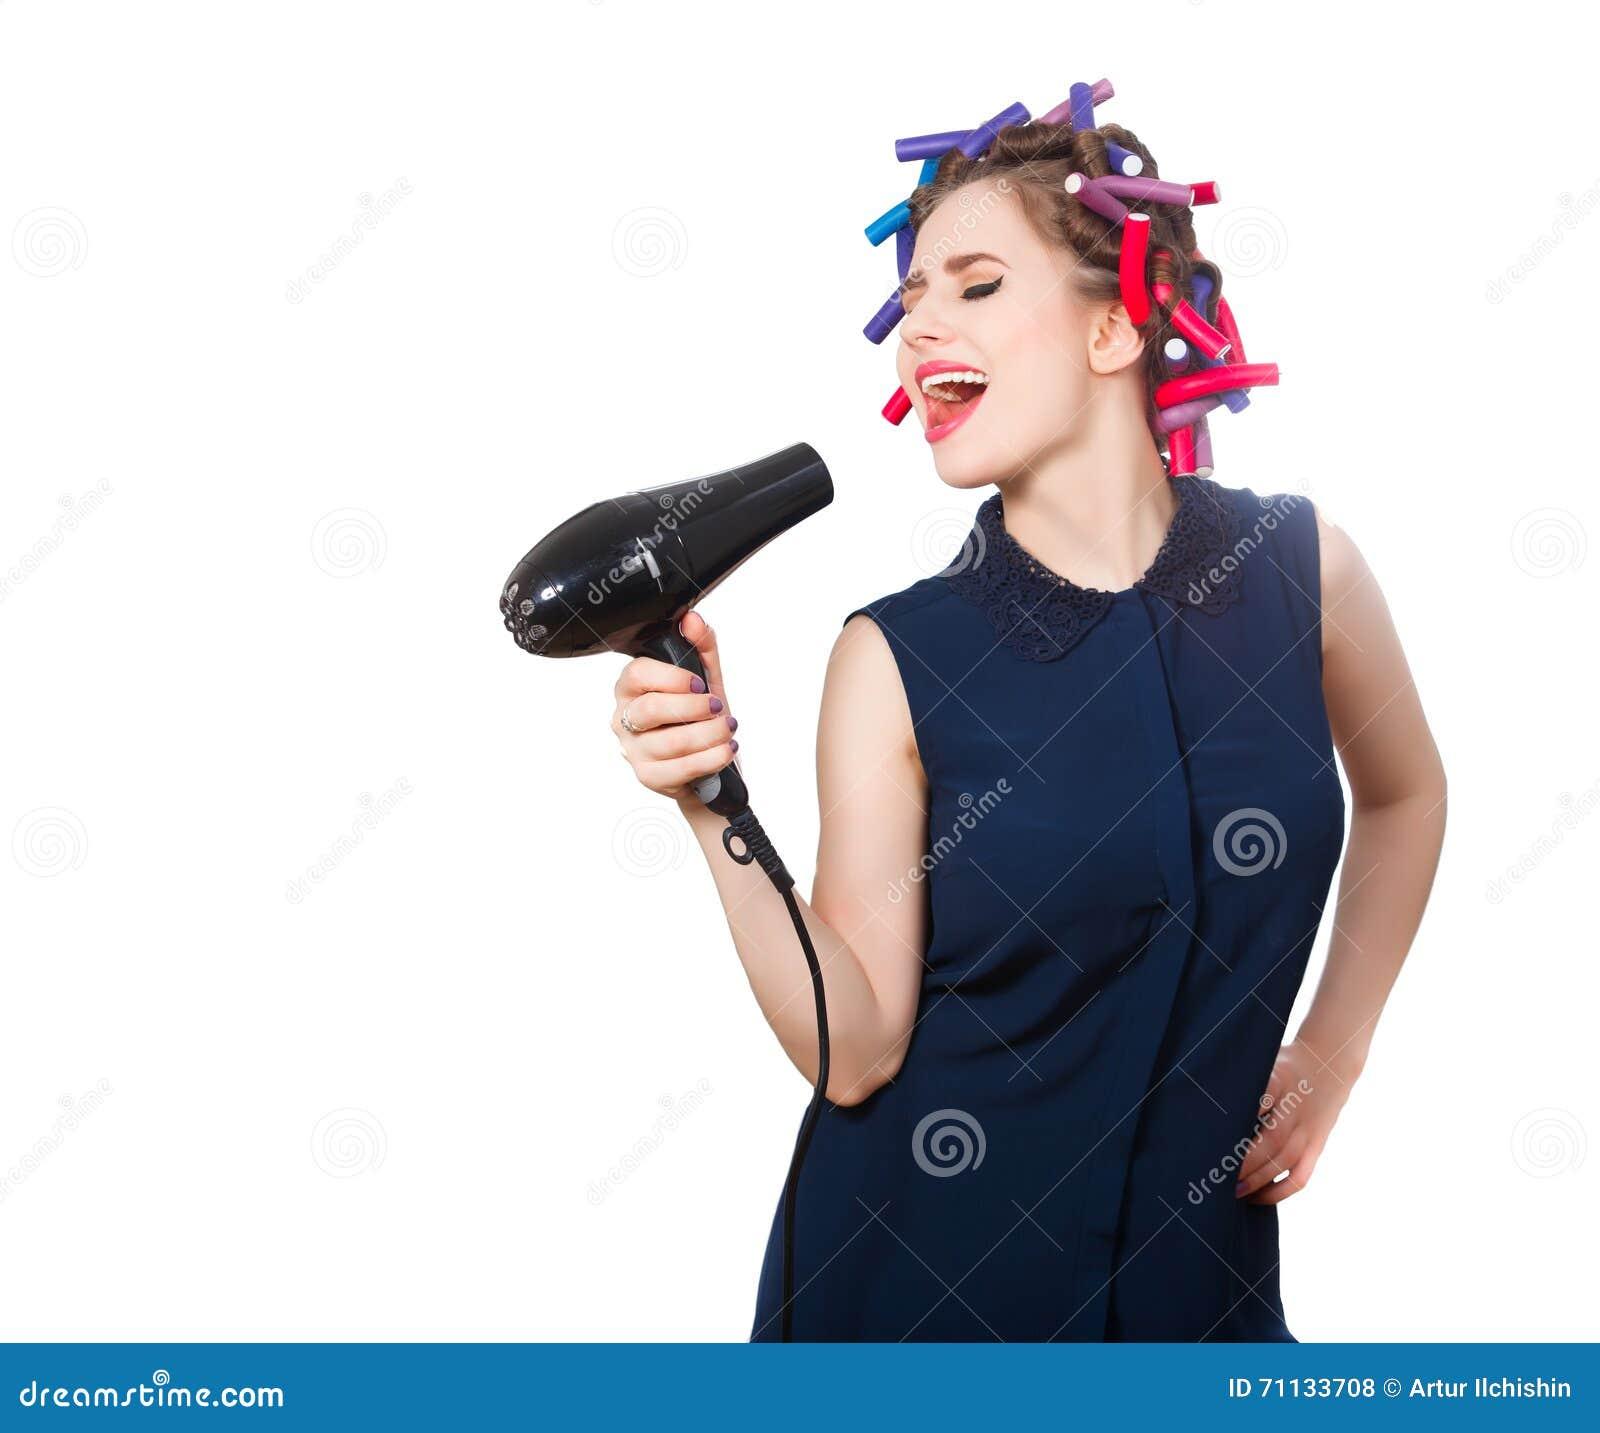 Foto van jonge zingende vrouw in krulspeld met hairdryer